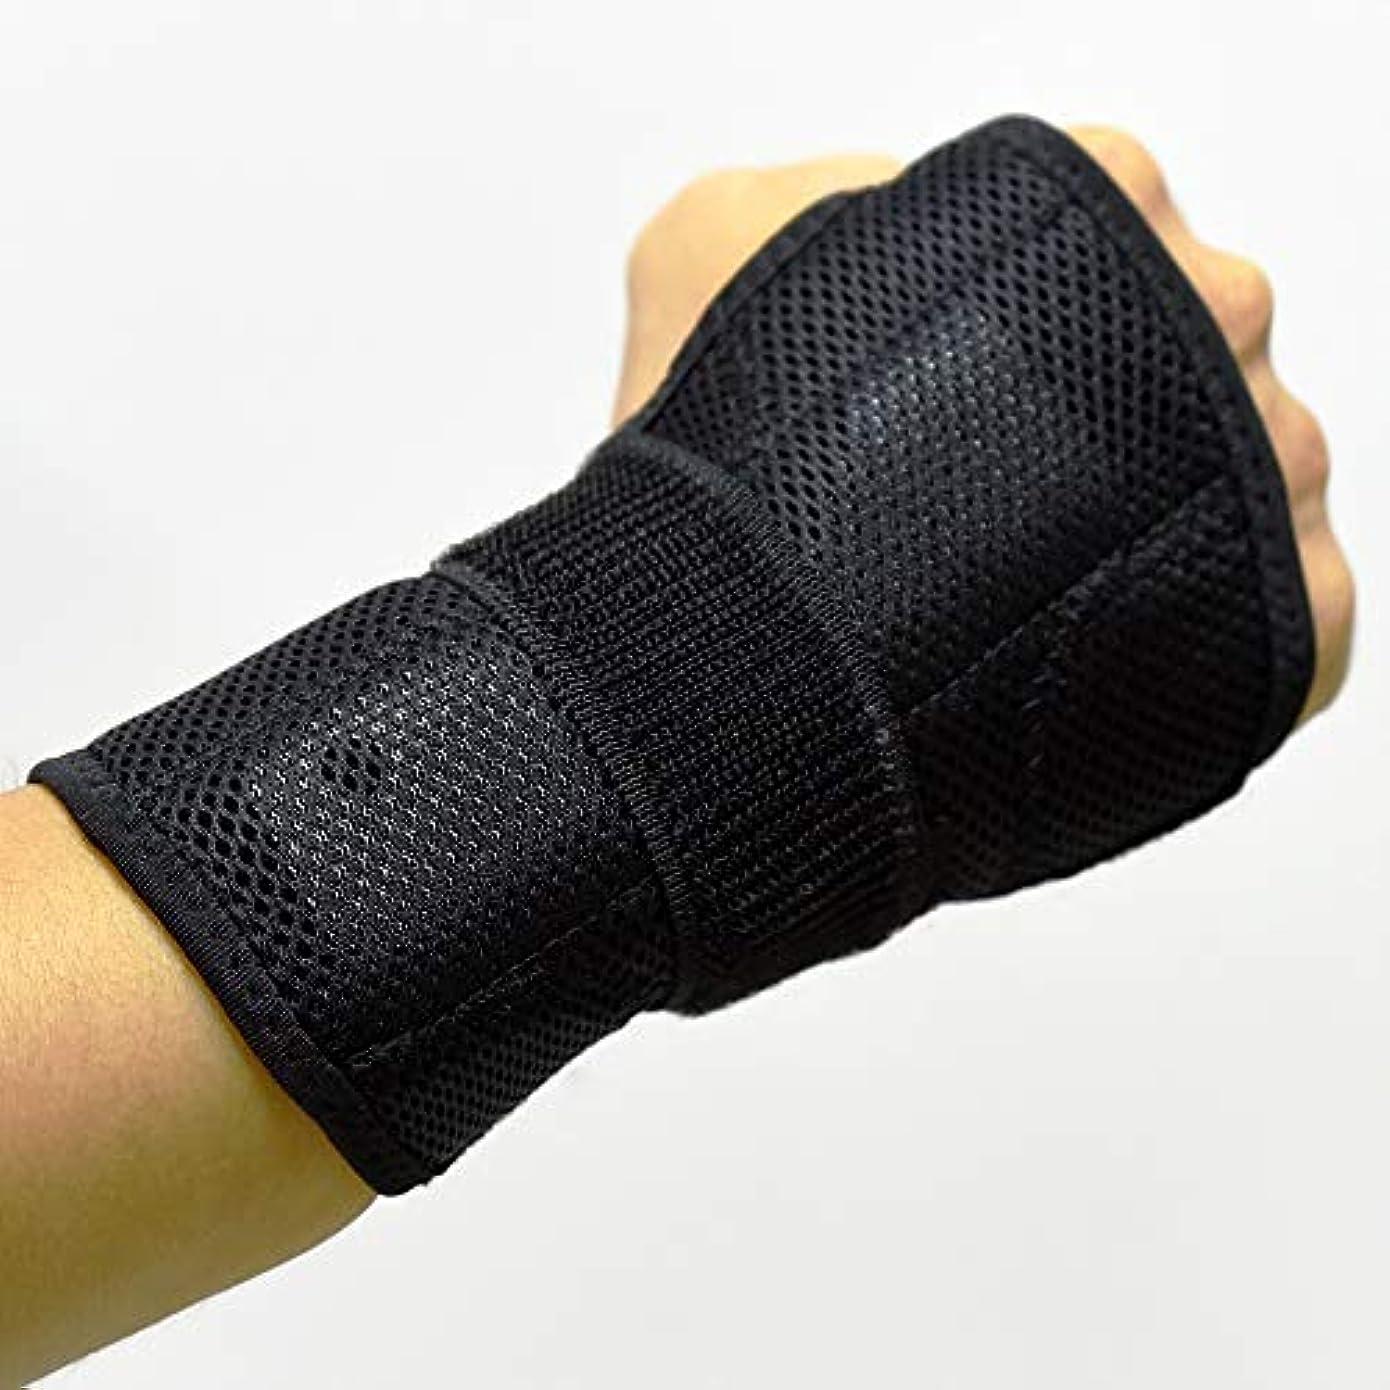 灌漑オリエント上手首サポートスプリントブレース、調節可能な 手首ブレーススプリントは、怪我、スポーツ、ジム、繰り返しの緊張などに対応します デザイン,Lefthand